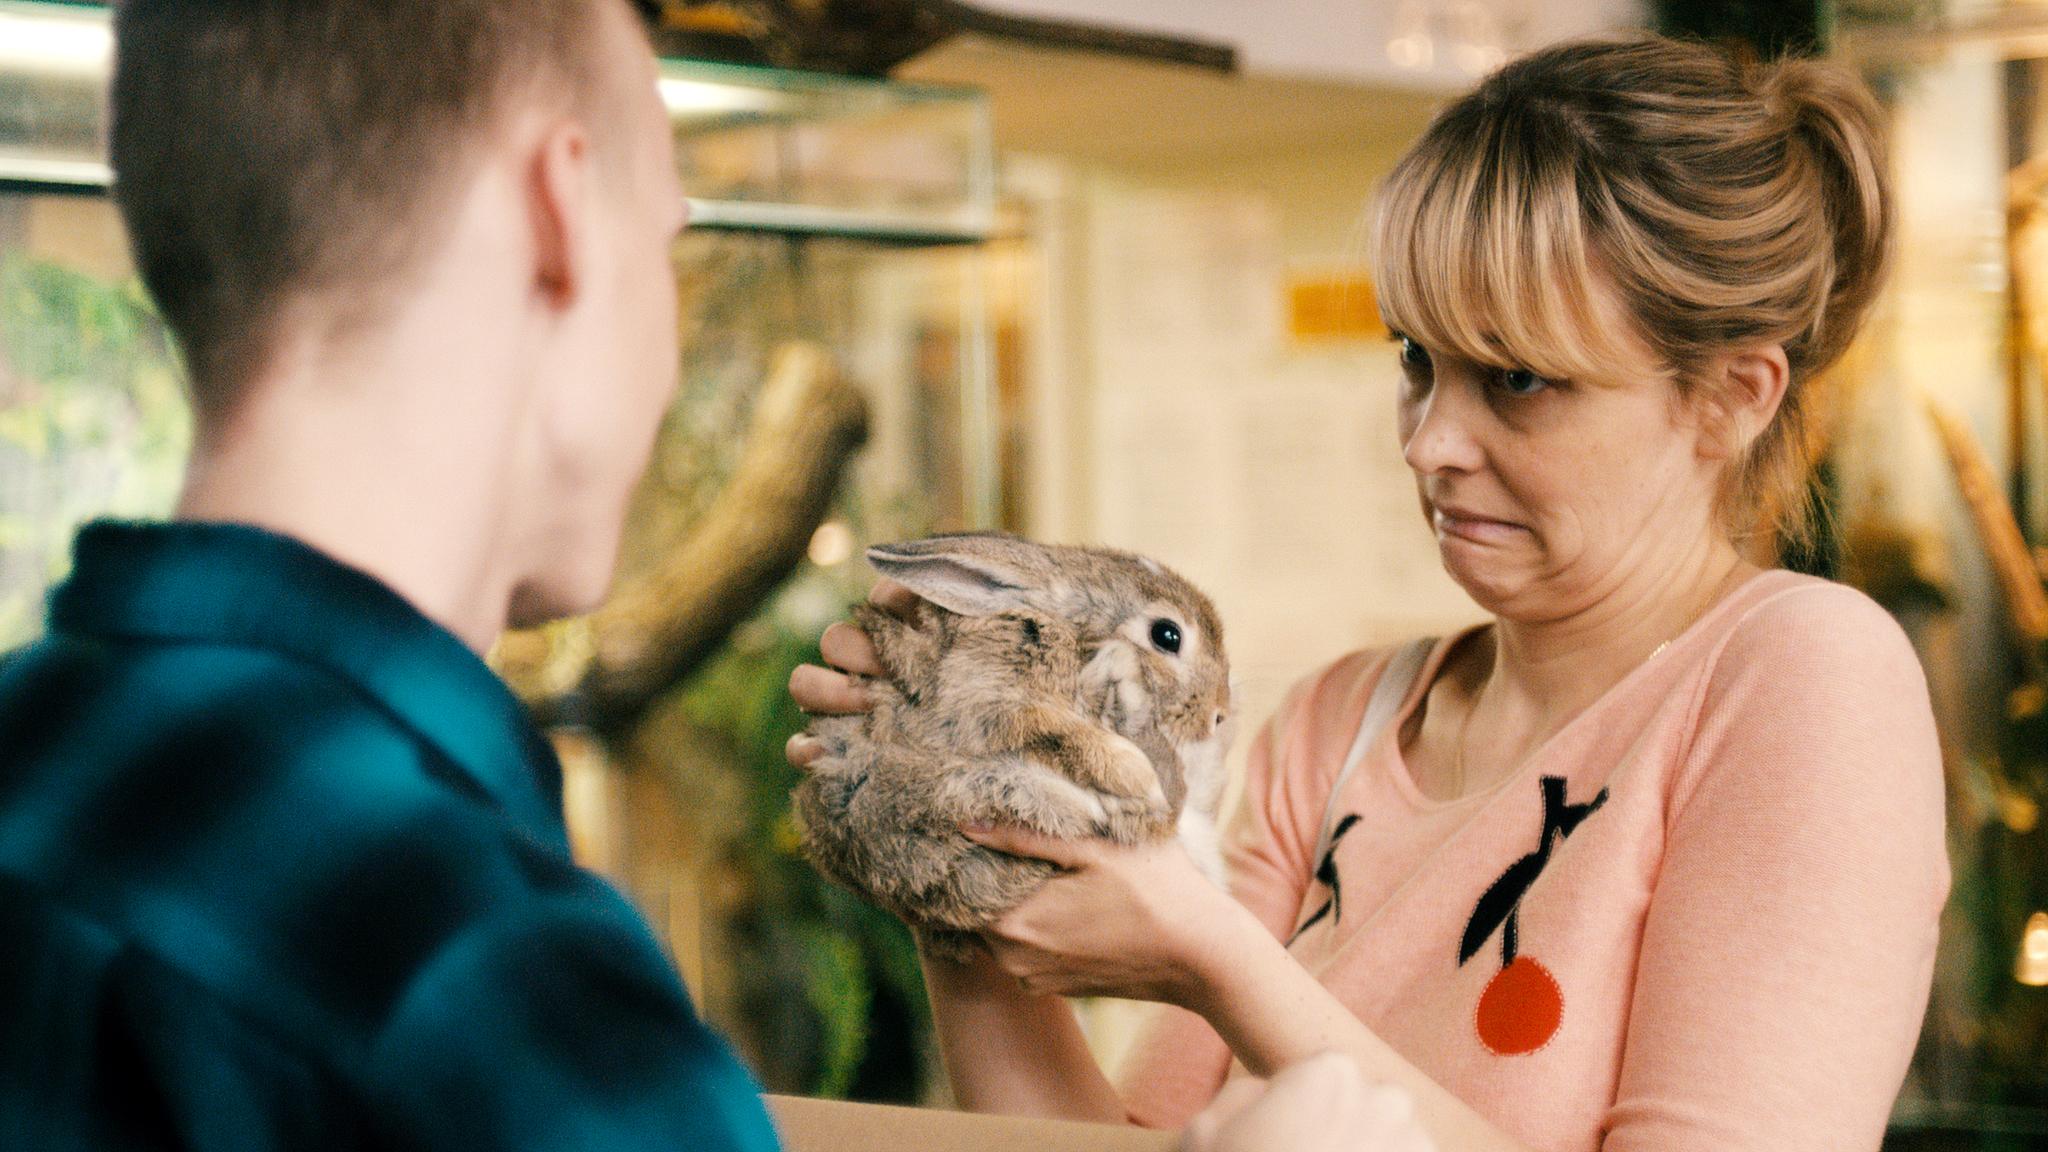 Hedi in der Zoohandlung. Bild: Komplizen Film / Pandora Film 2015